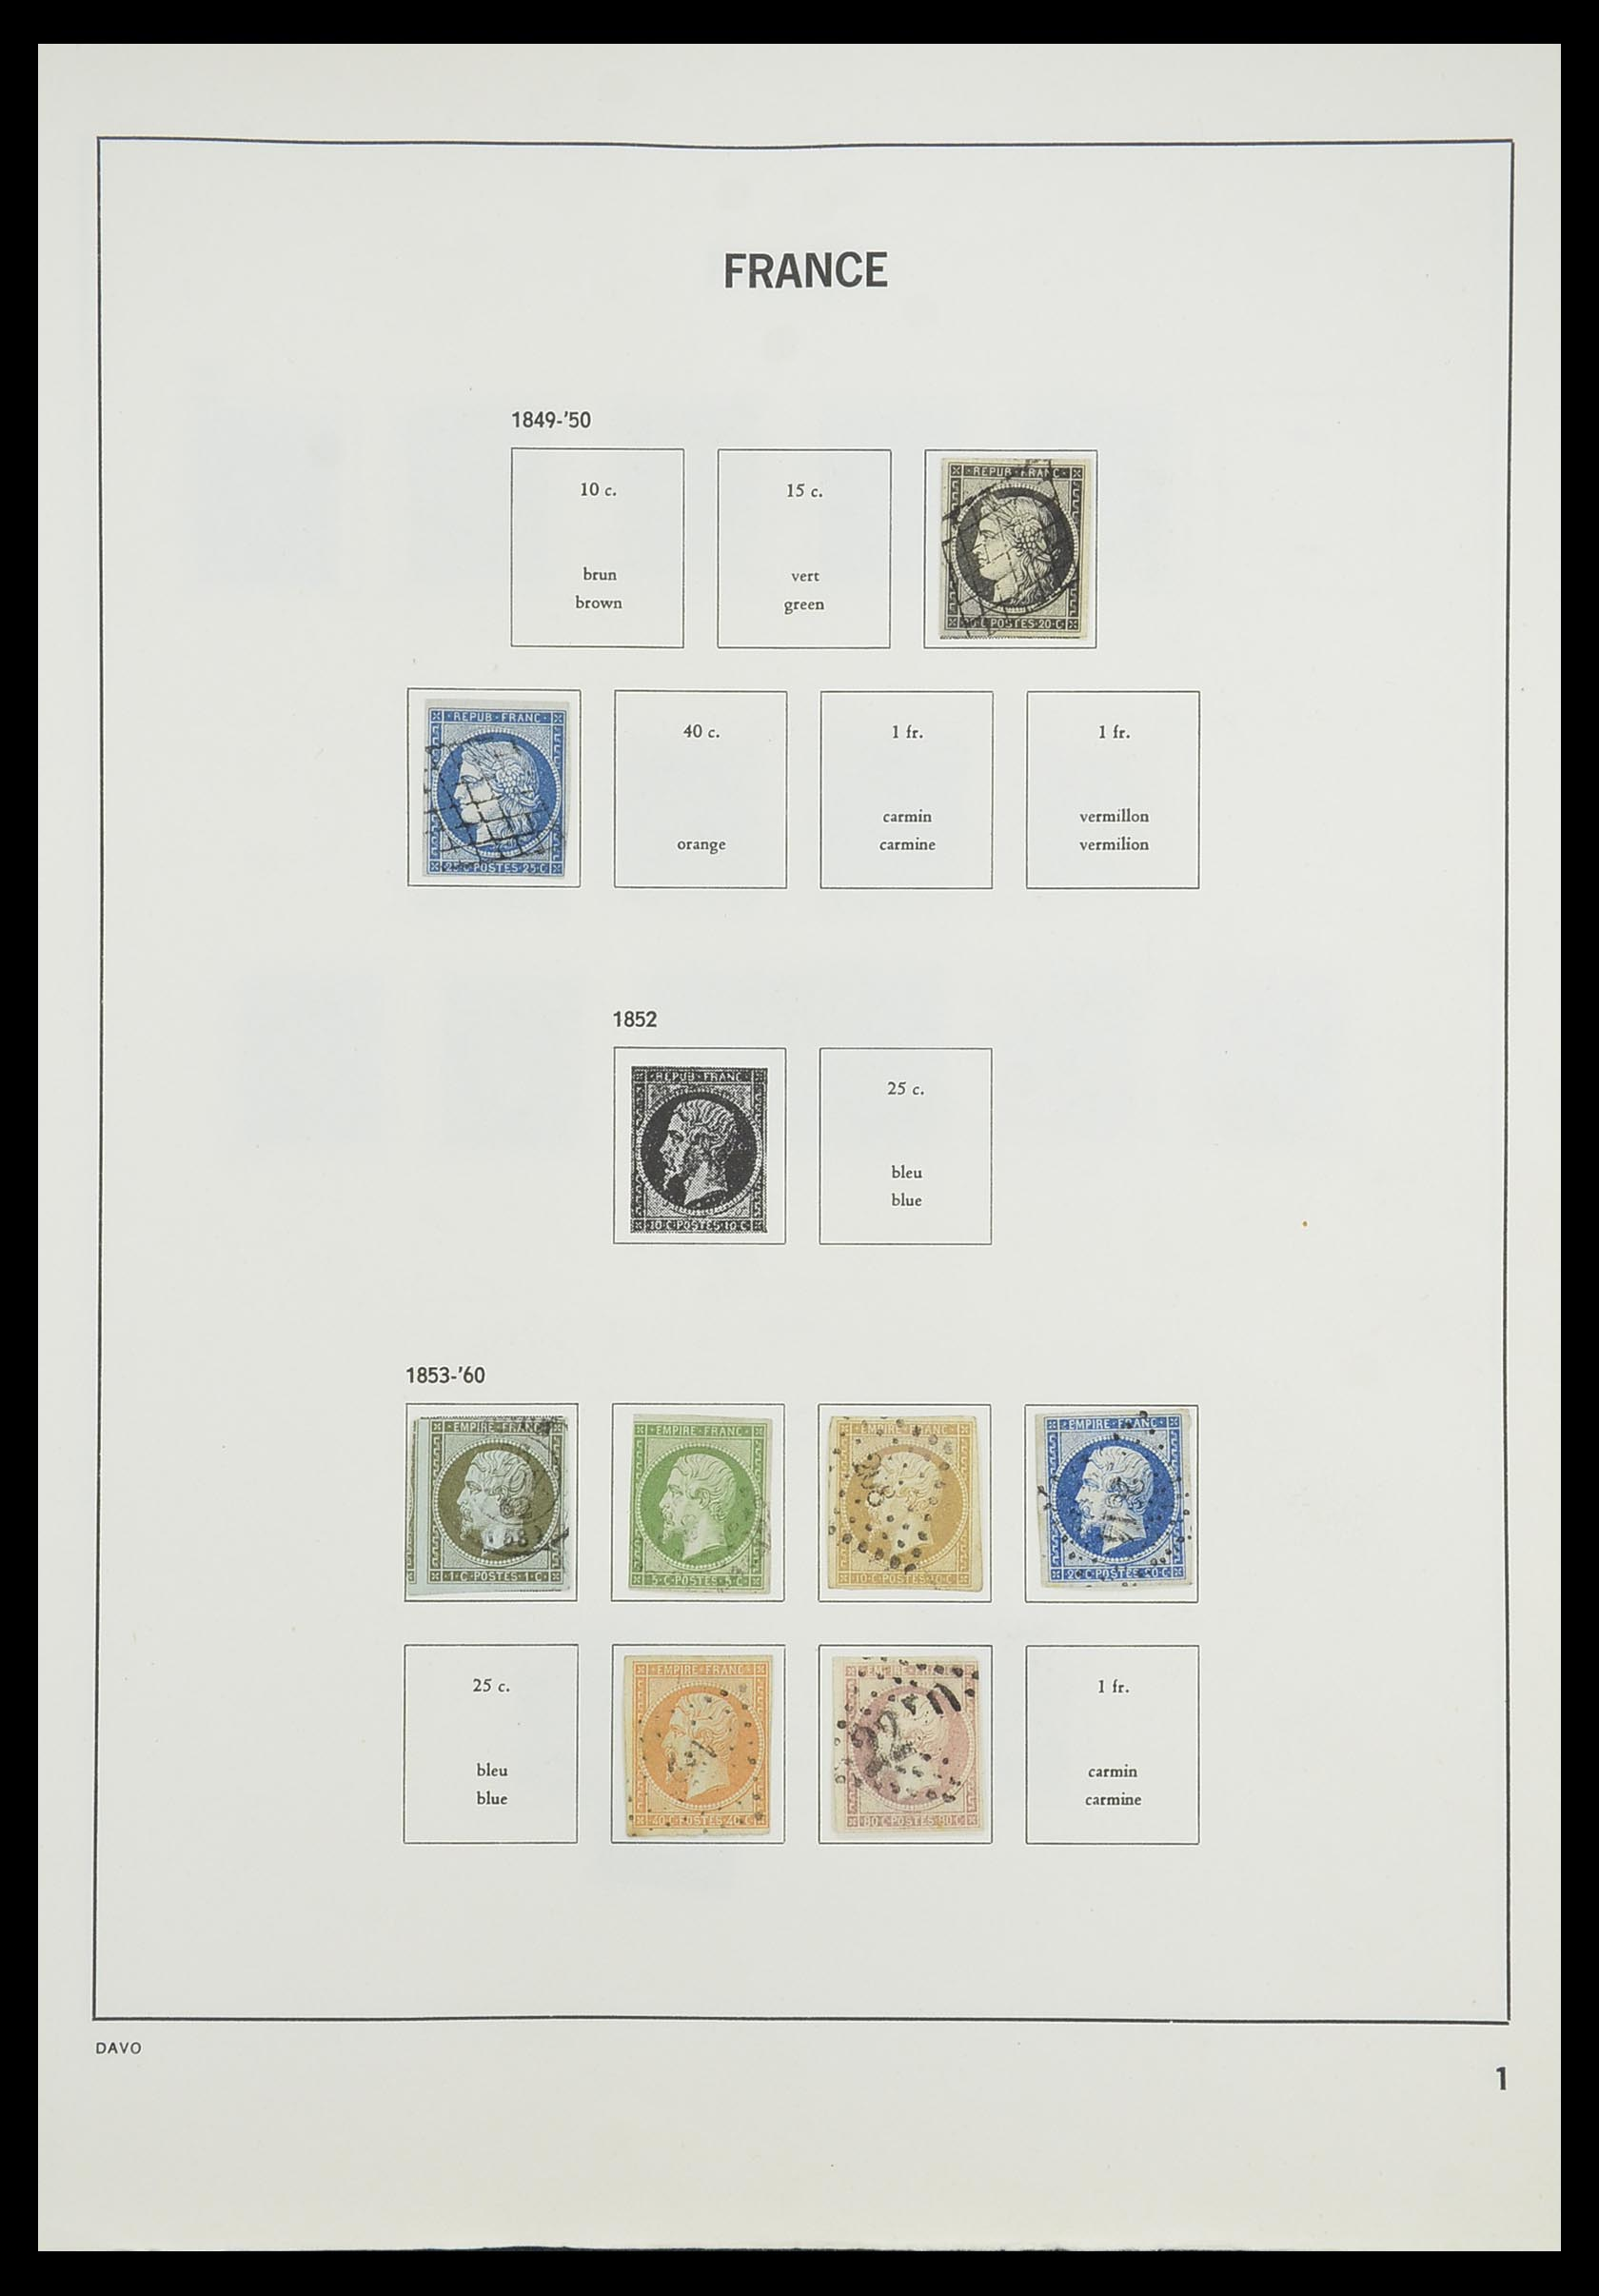 33819 003 - Postzegelverzameling 33819 Frankrijk 1849-1988.